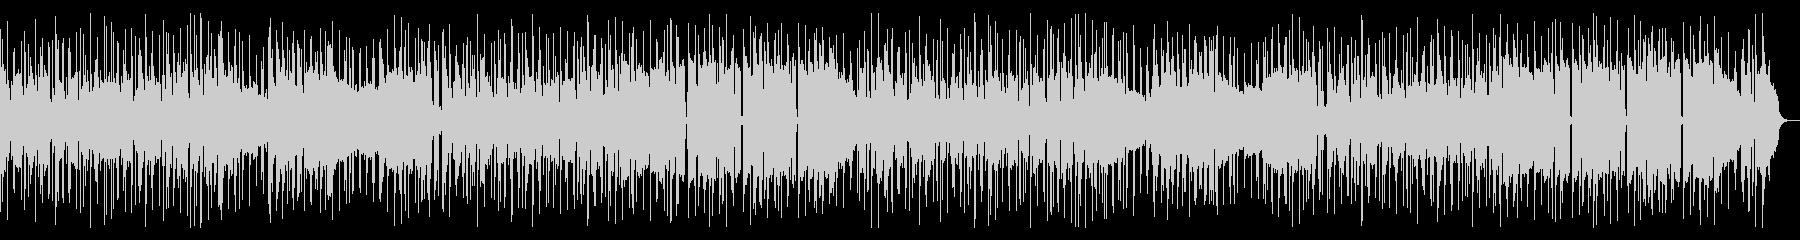 スタイリッシュなファンキーR&Bの未再生の波形